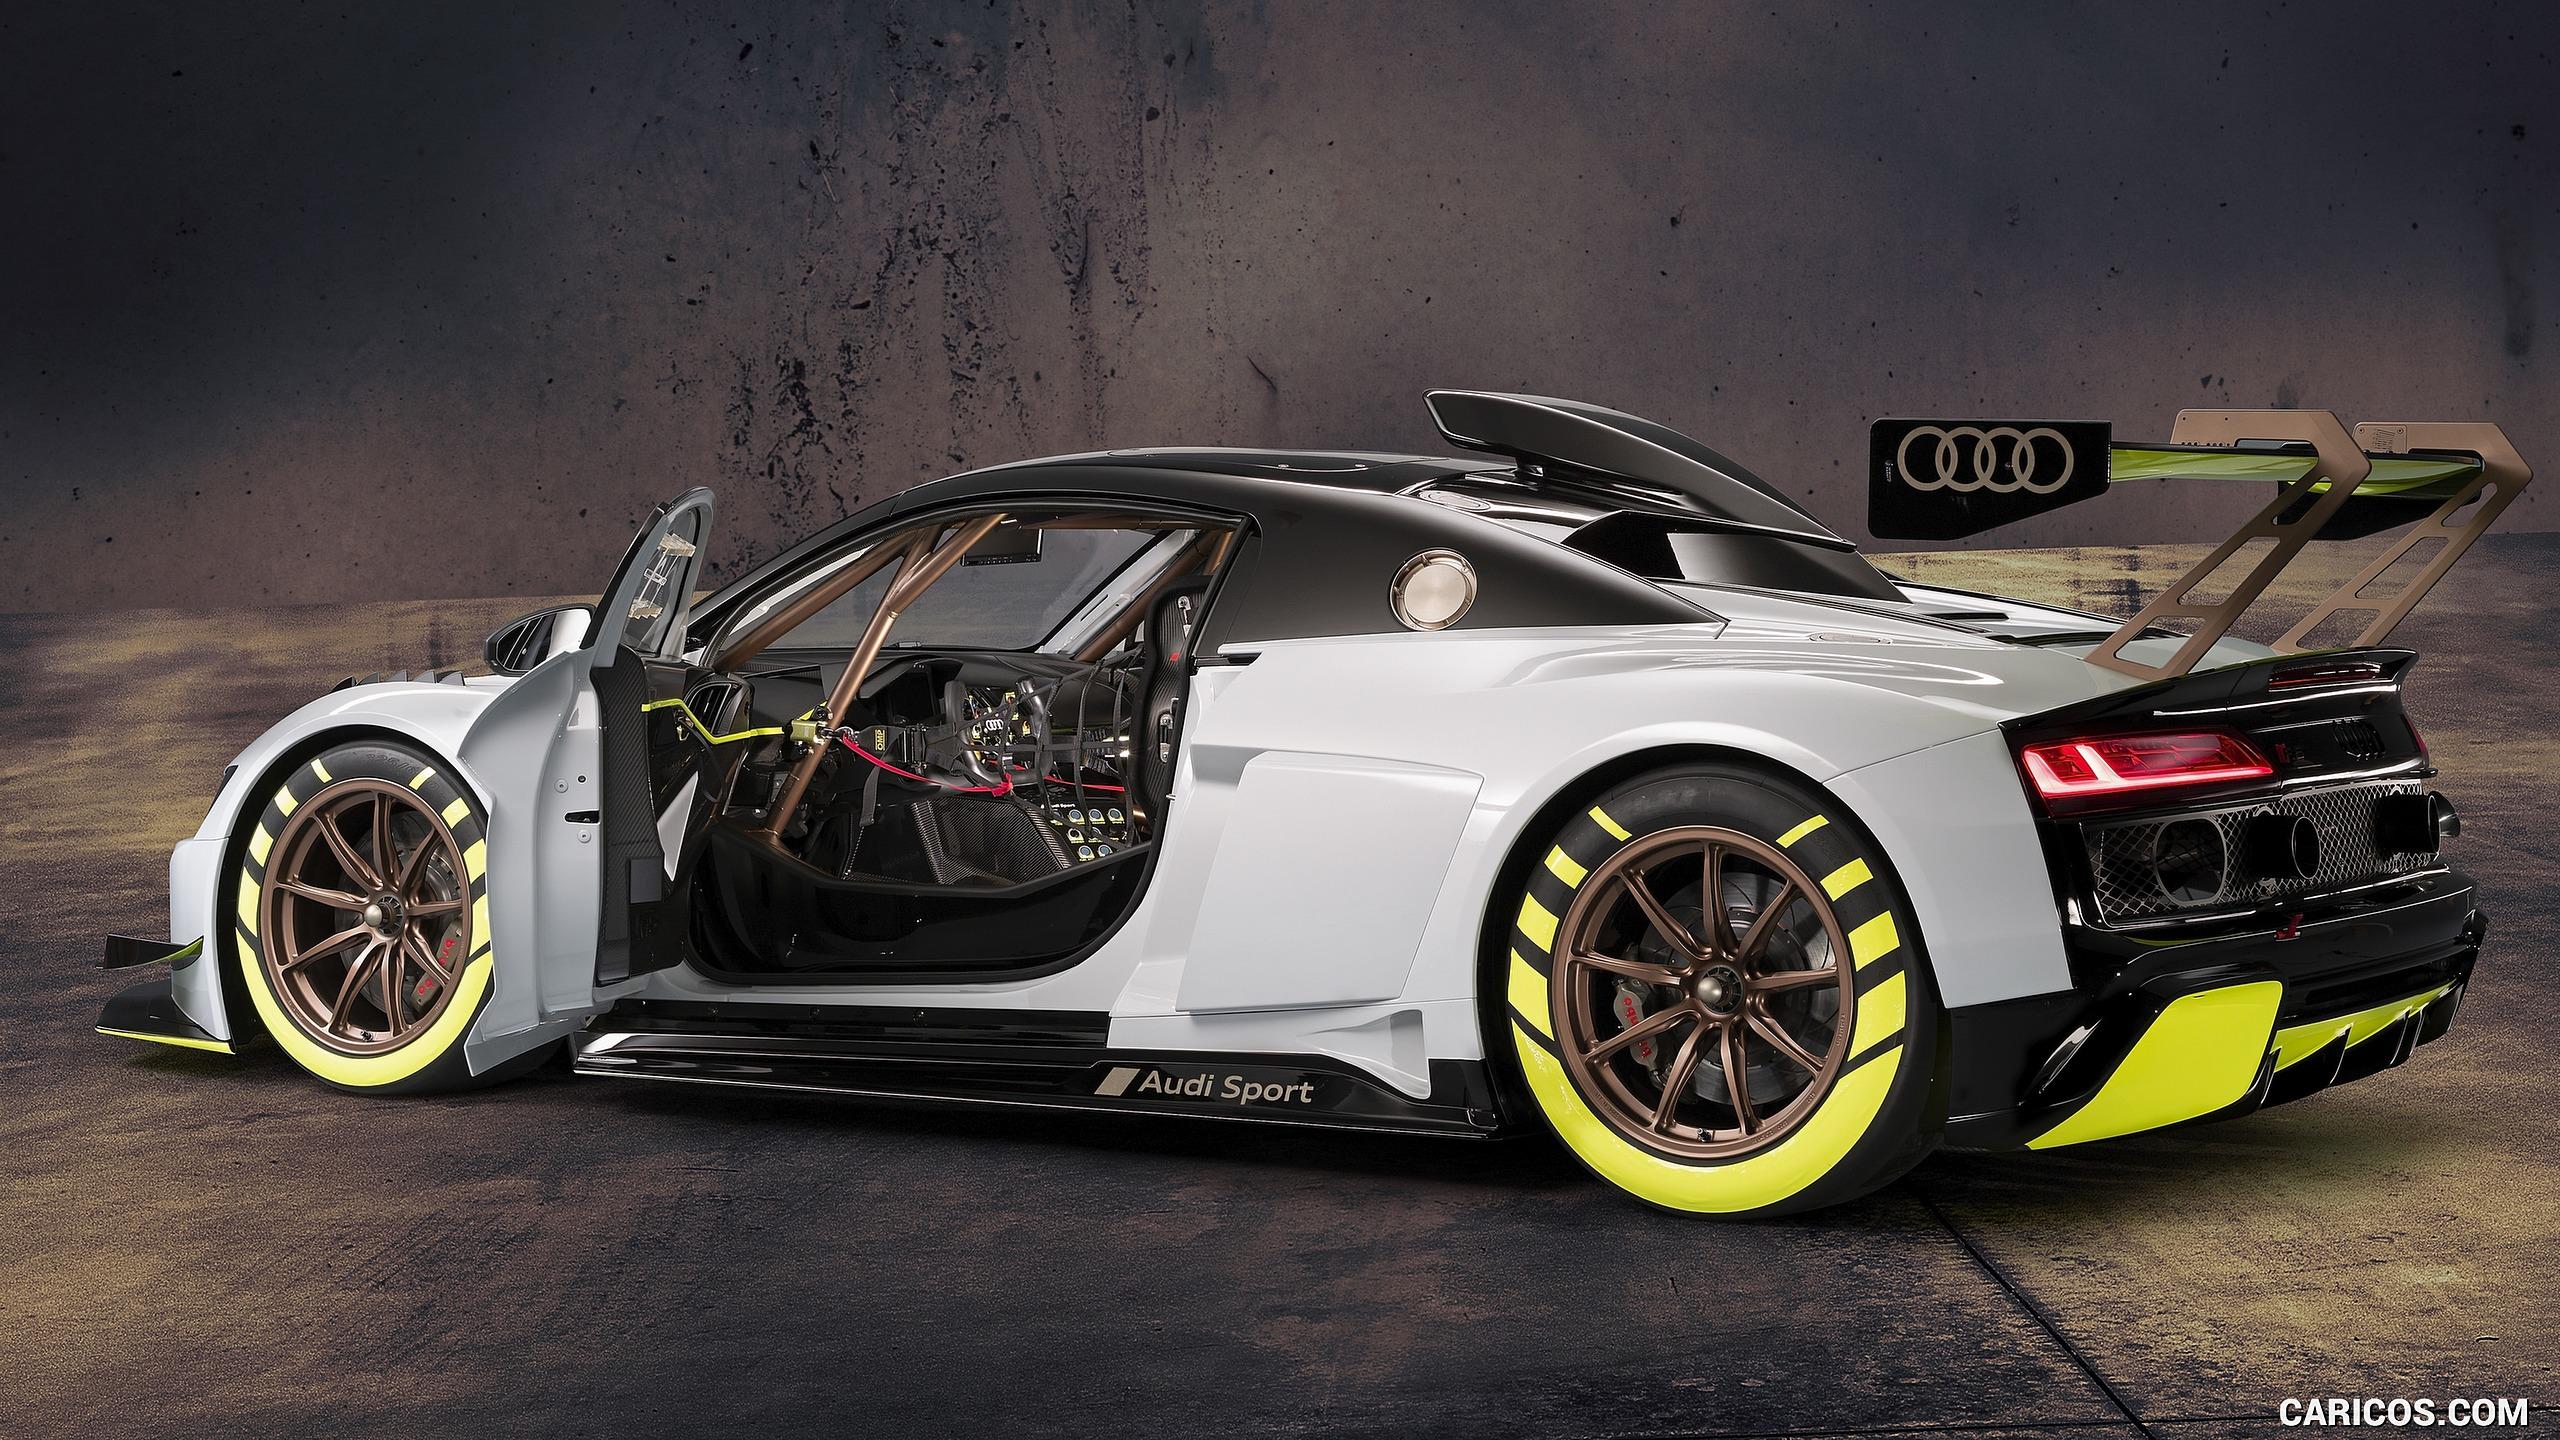 2020 Audi R8 LMS GT2   Rear Three Quarter HD Wallpaper 4 2560x1440